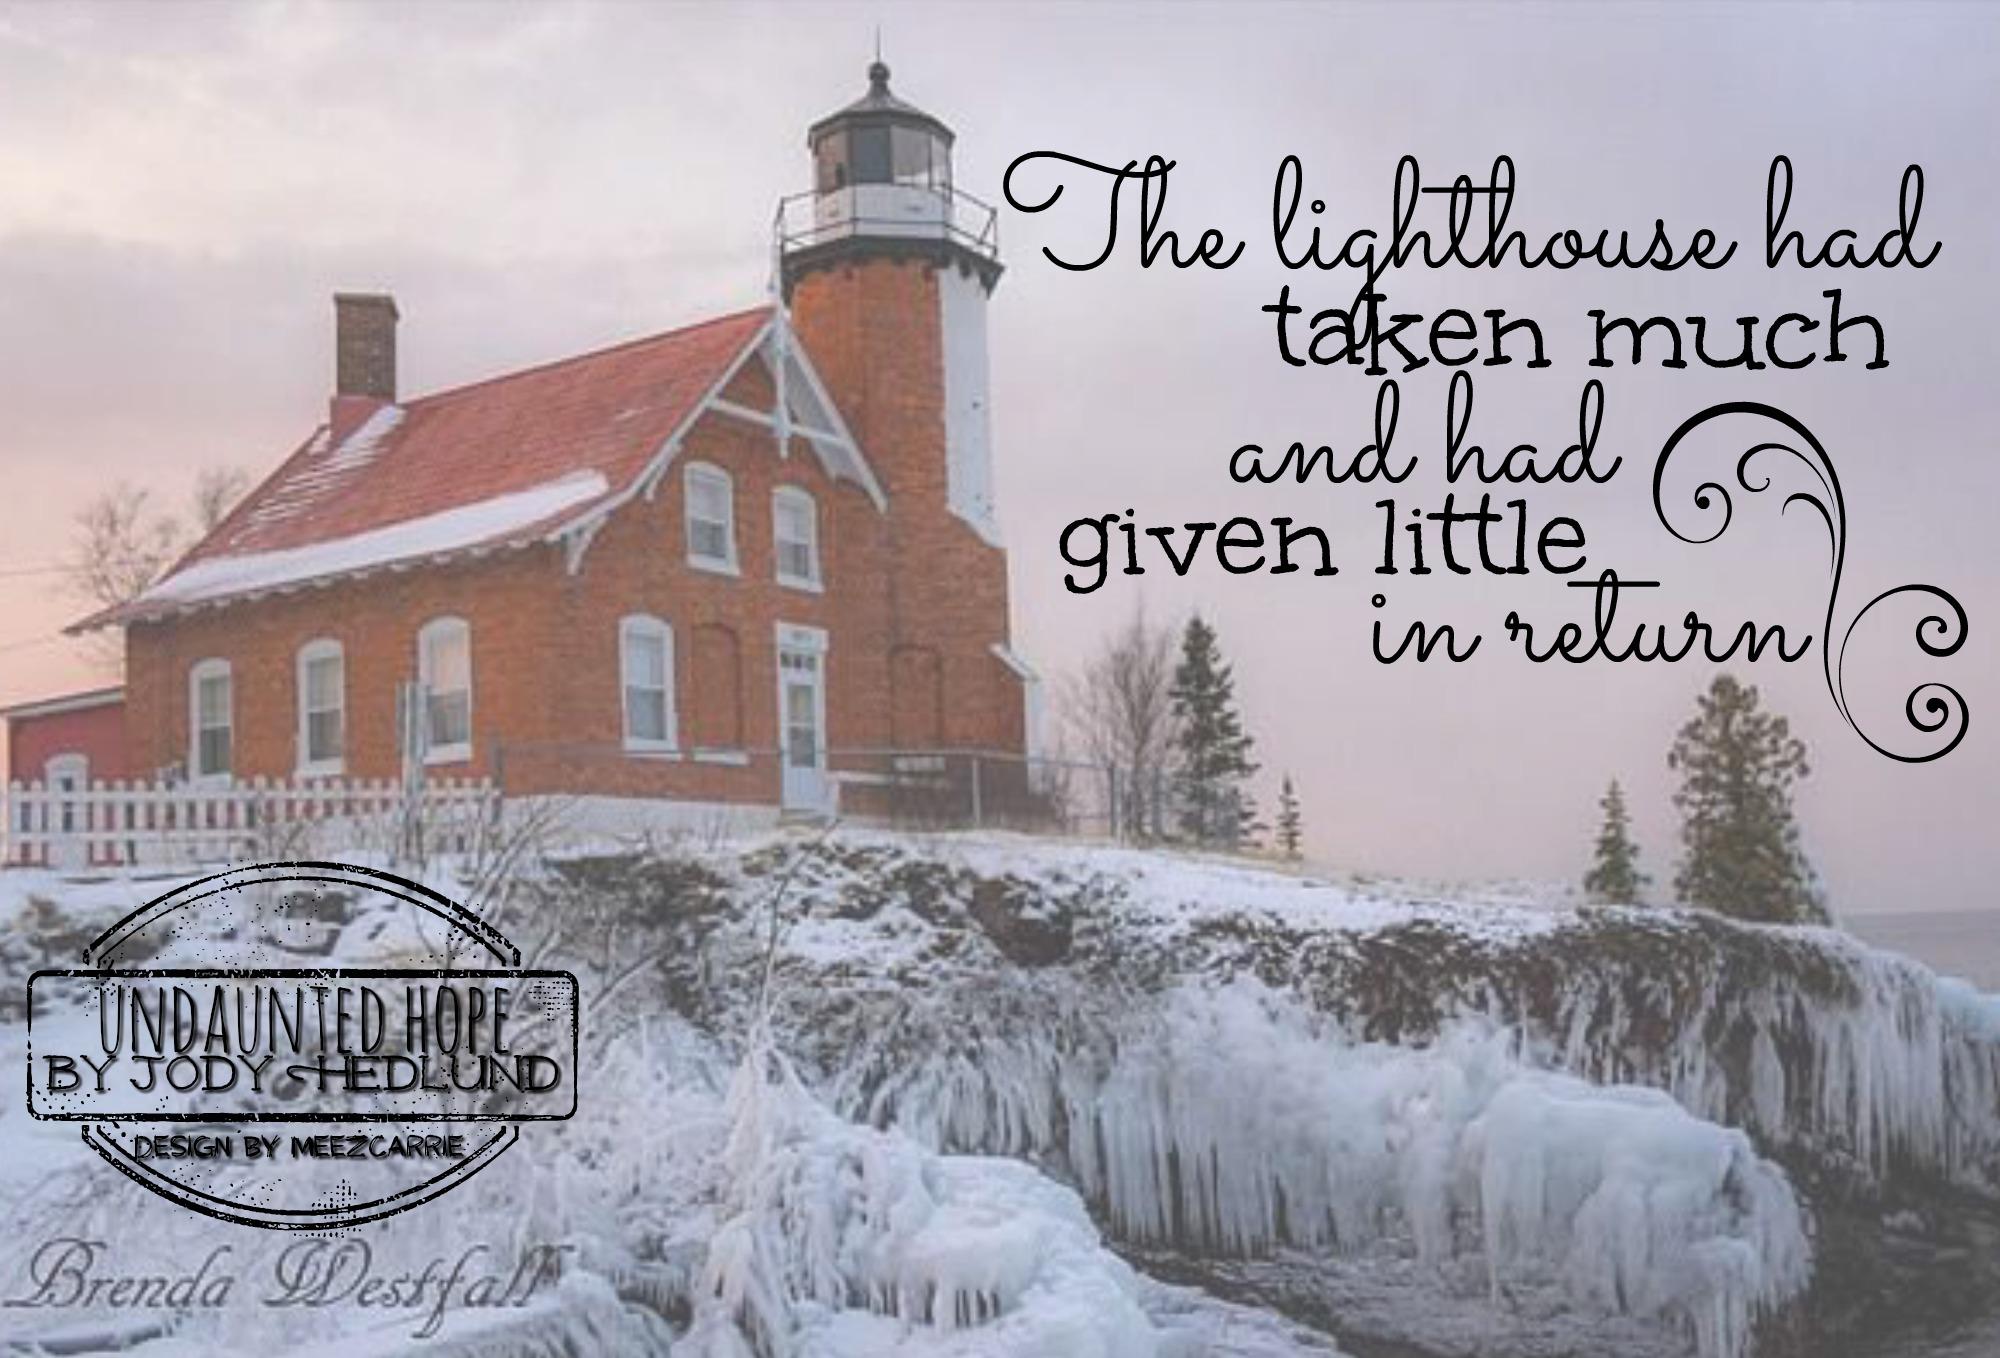 undaunted hope quote 2